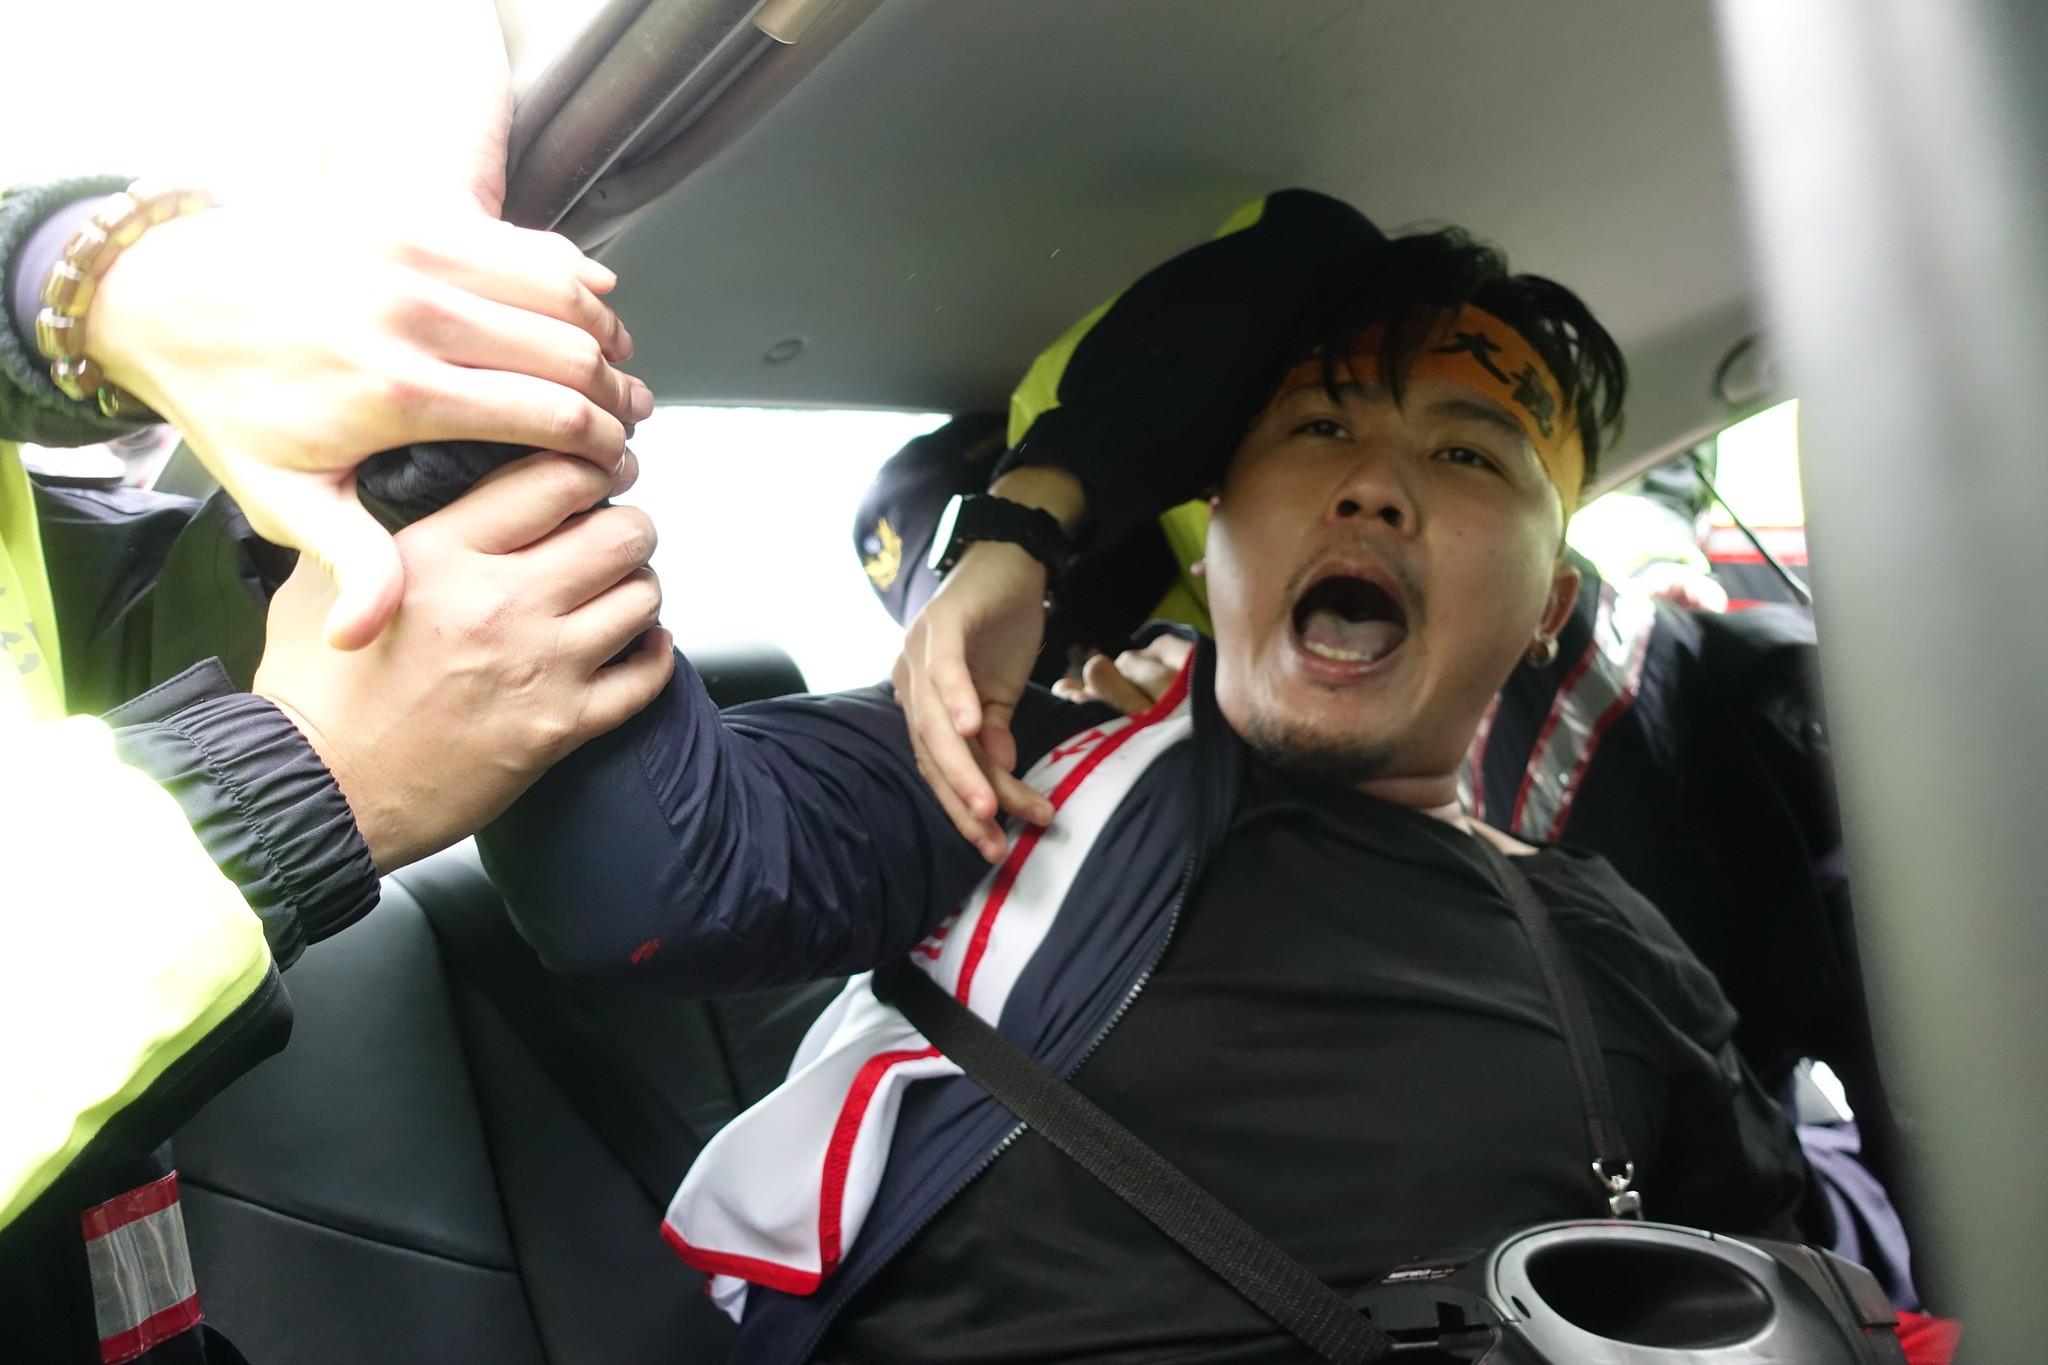 自救會成員被帶上警車。(攝影:張智琦)